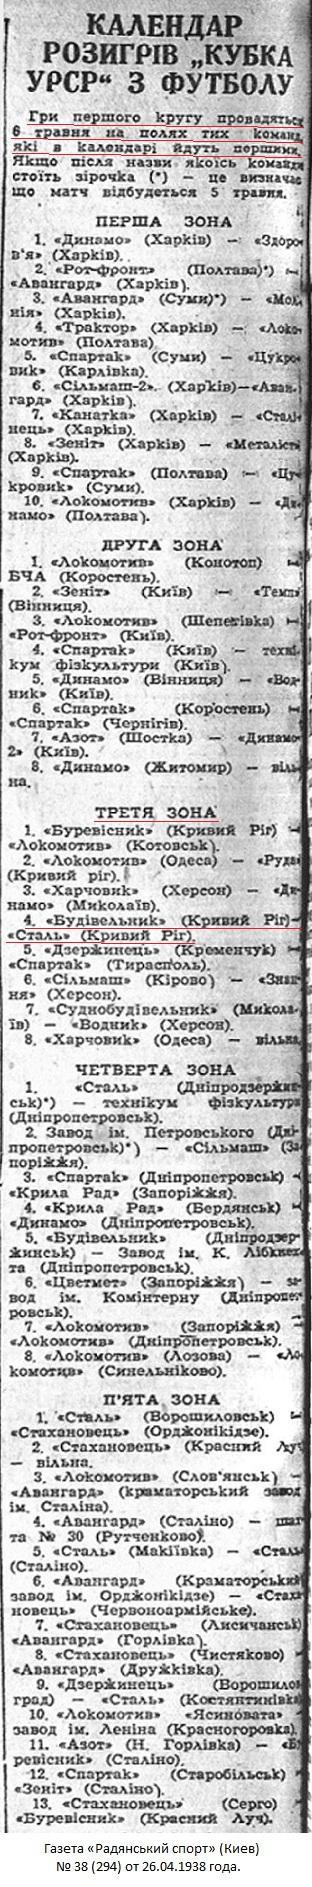 Строитель (Кривой Рог) - Сталь - металлургический завод (Кривой Рог) 1:3